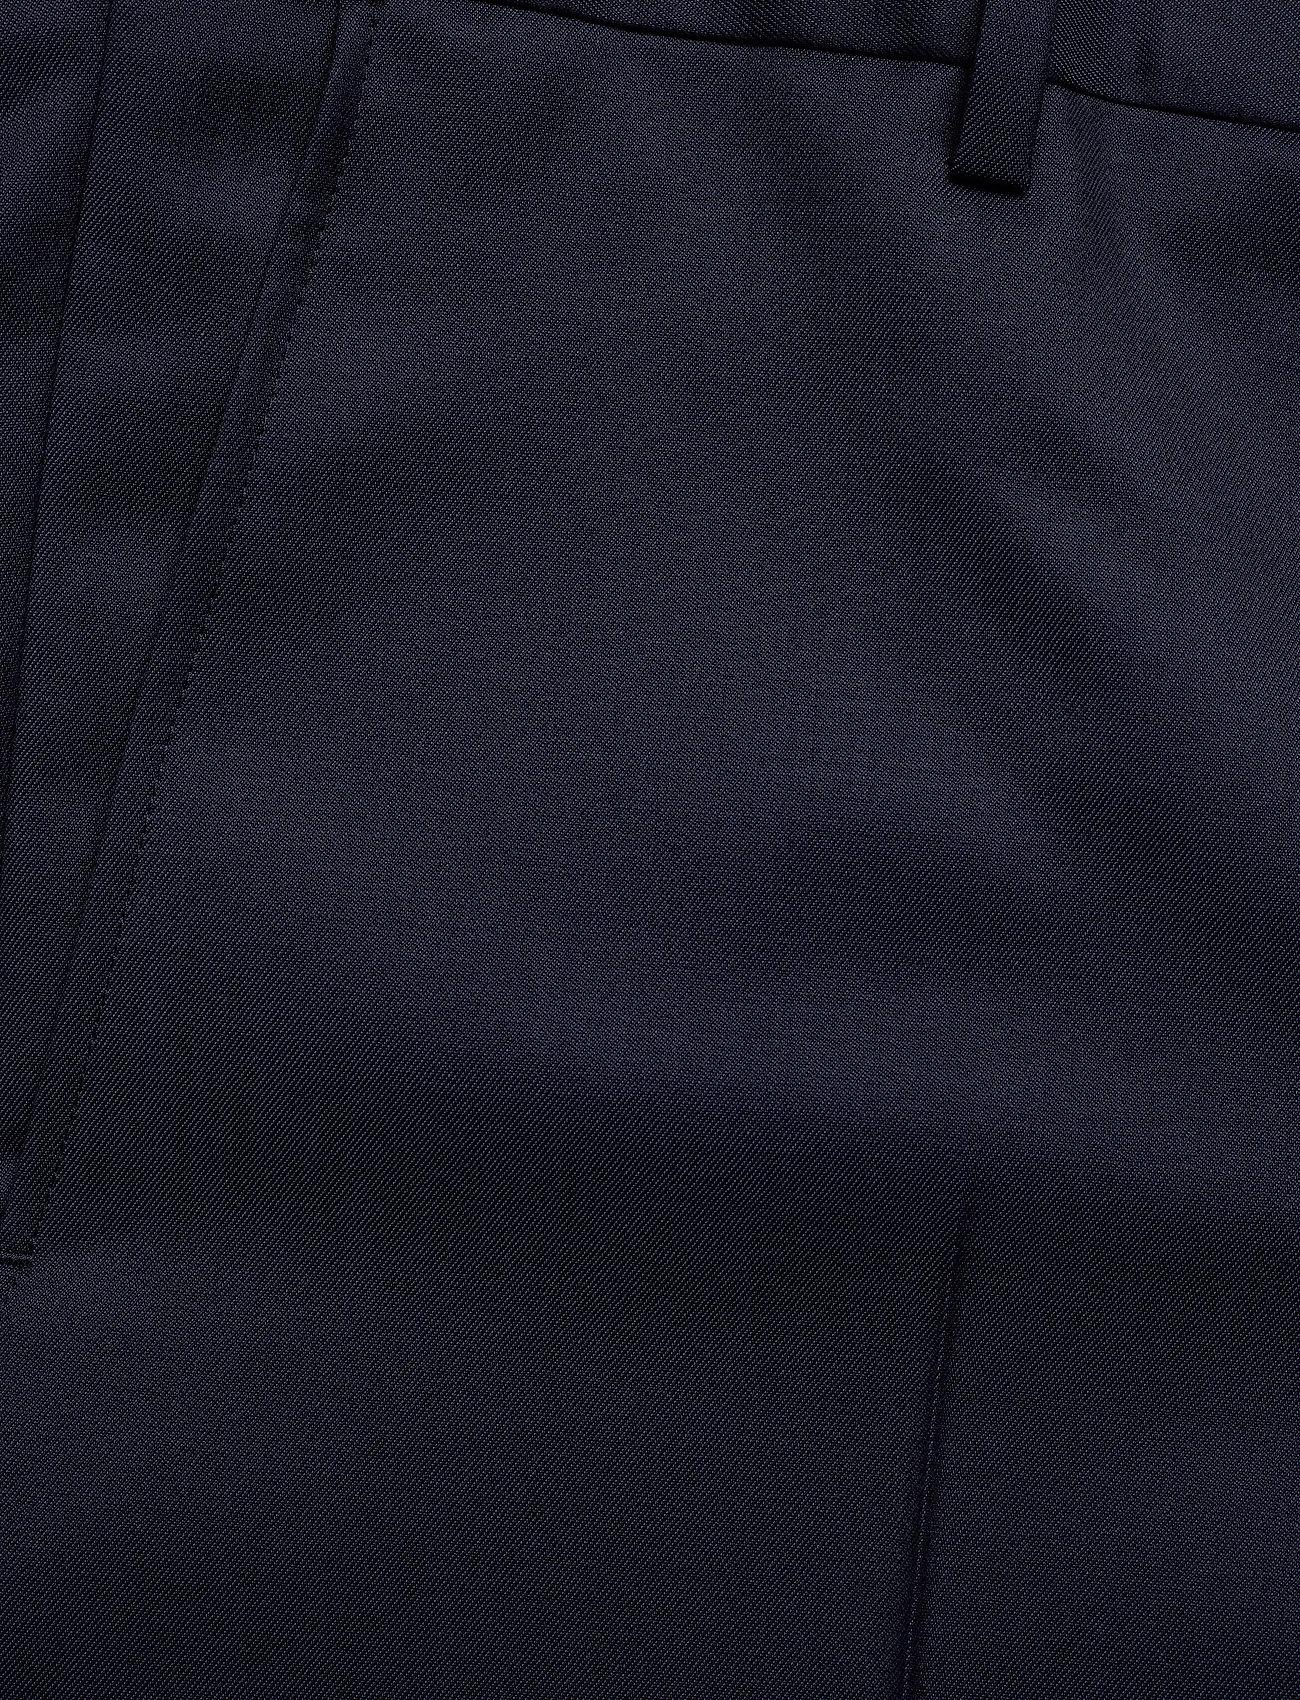 SAND Prunella Mohair - Star Napoli-Craig - Dresser & blazere MEDIUM BLUE - Menn Klær